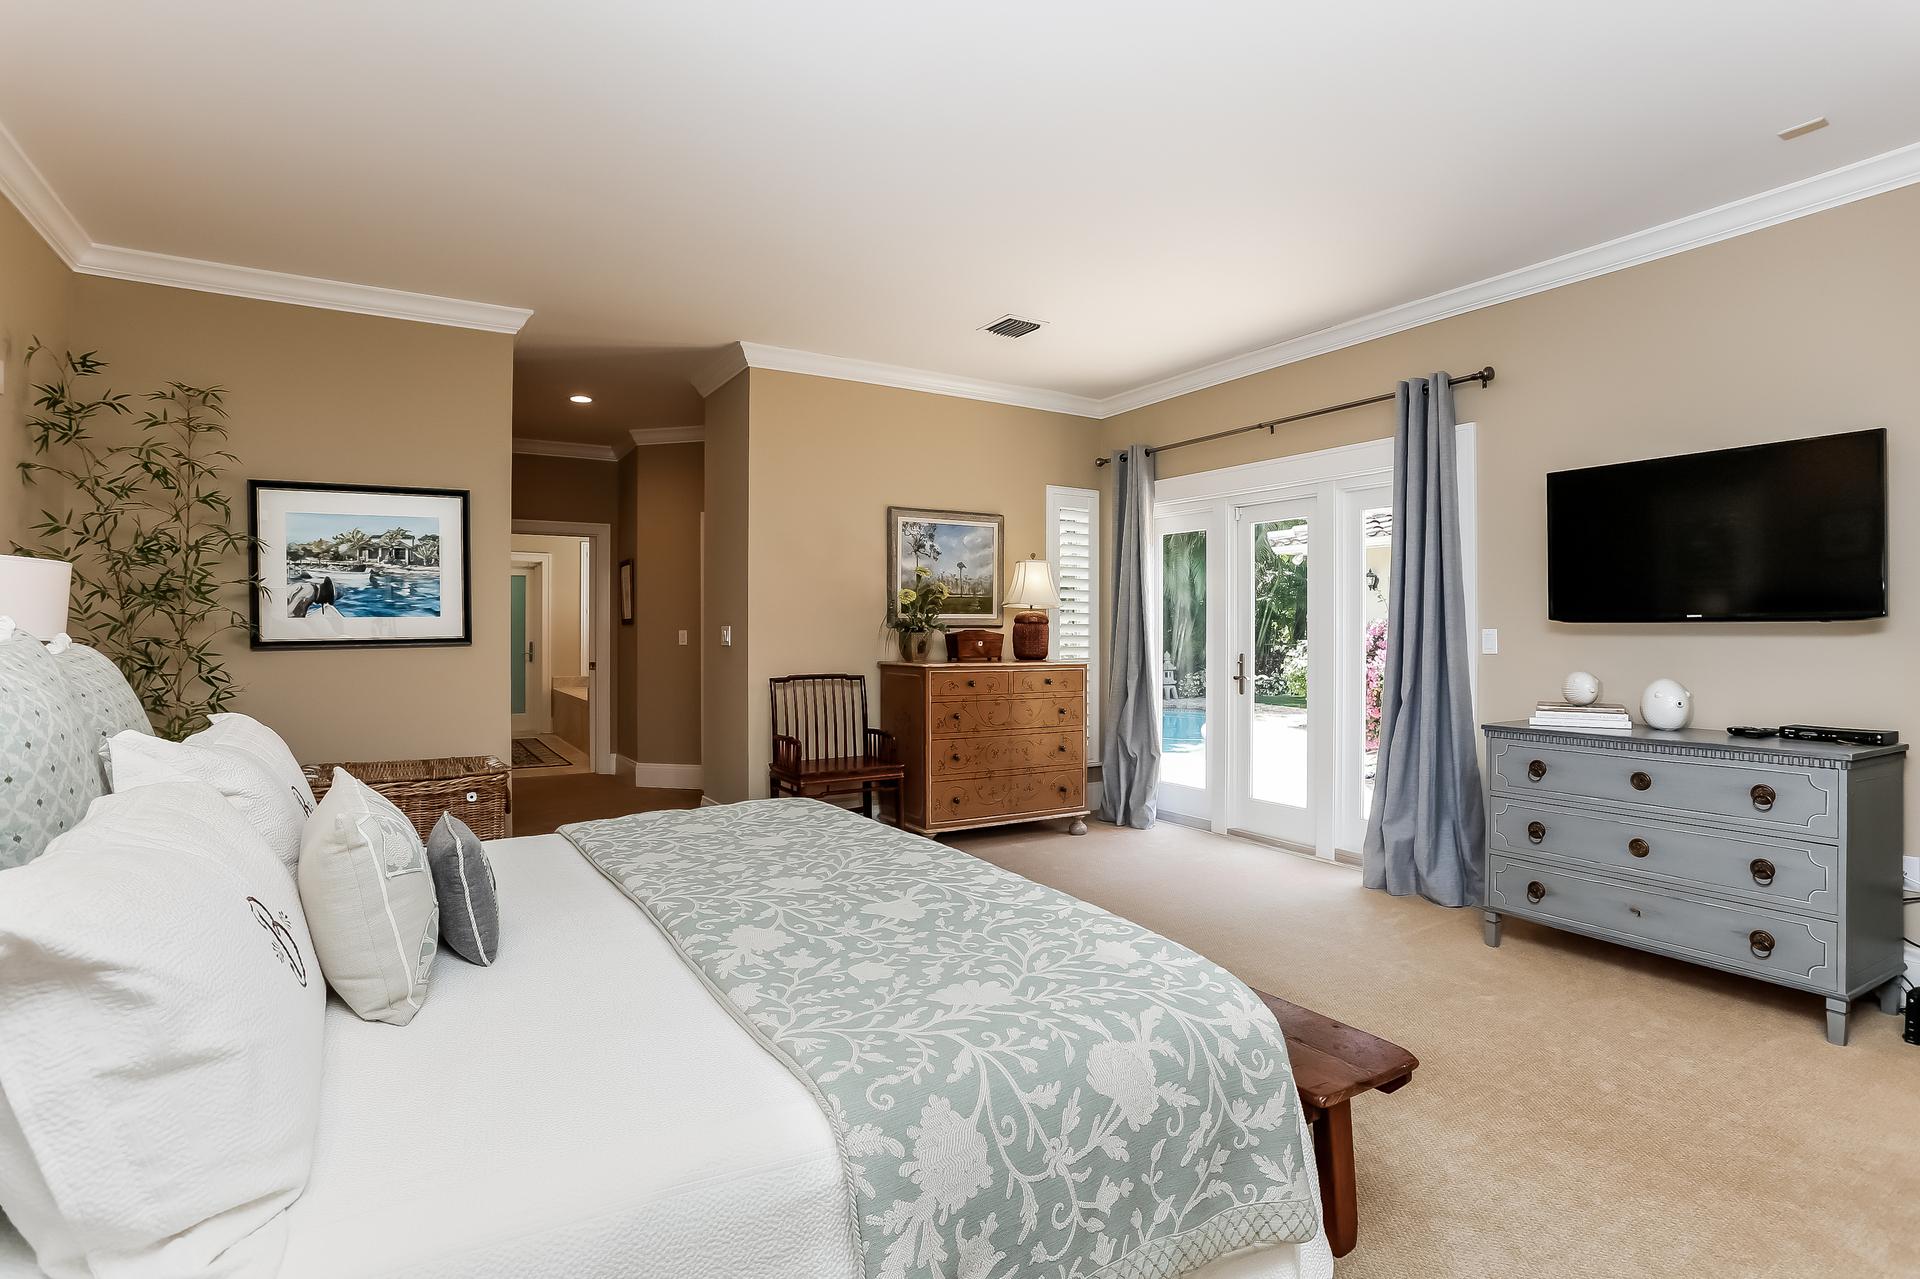 023-Master_Bedroom-2647604-medium.jpg